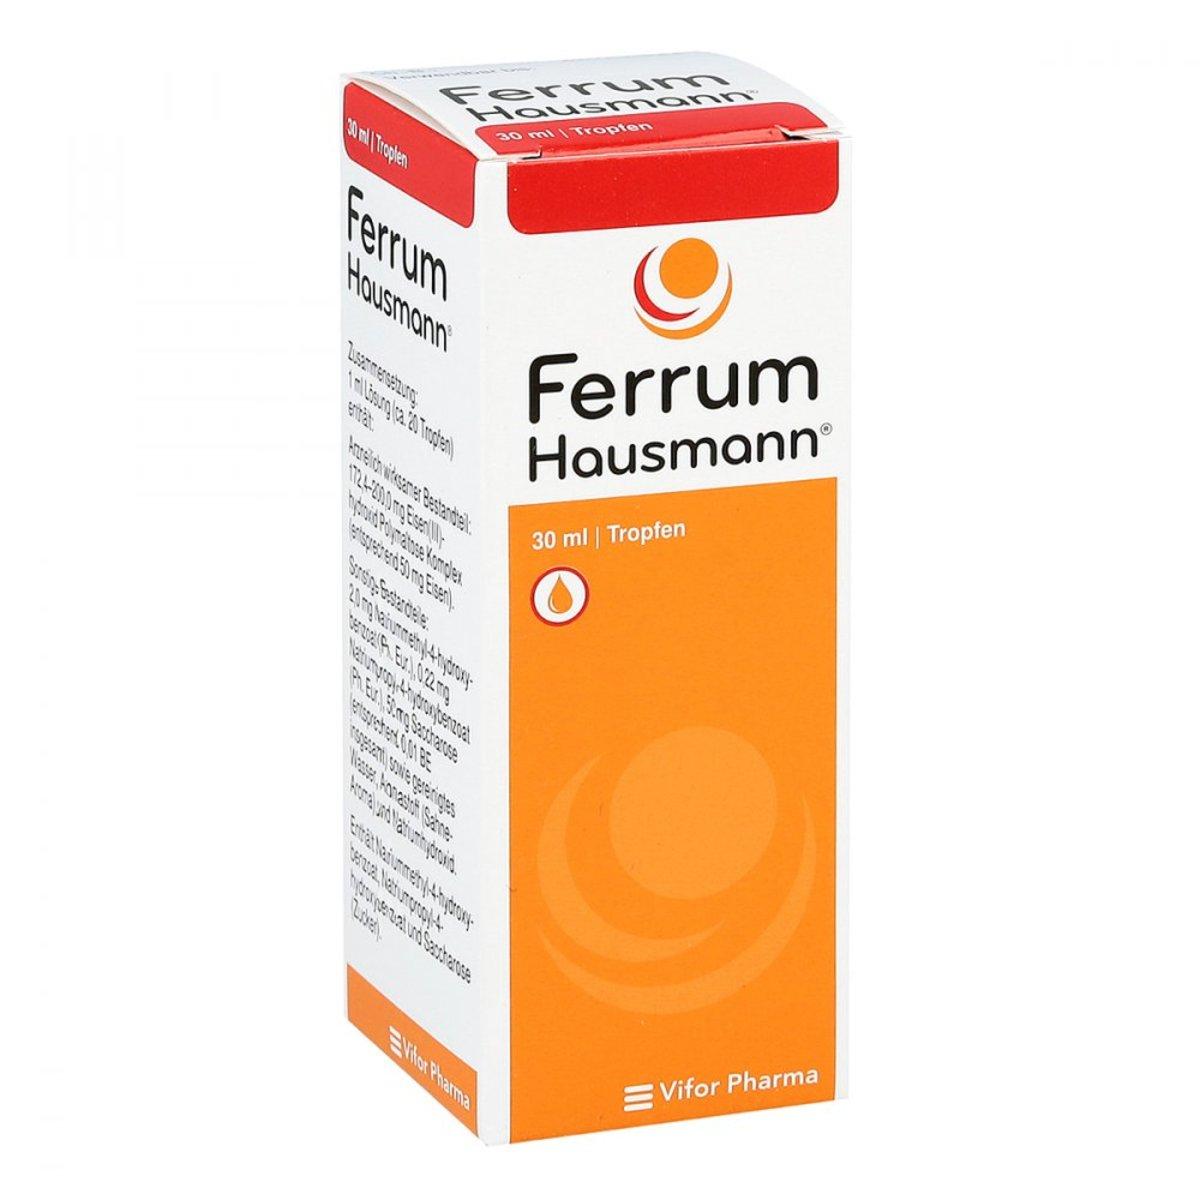 Ferrum-Hausmann 30ml